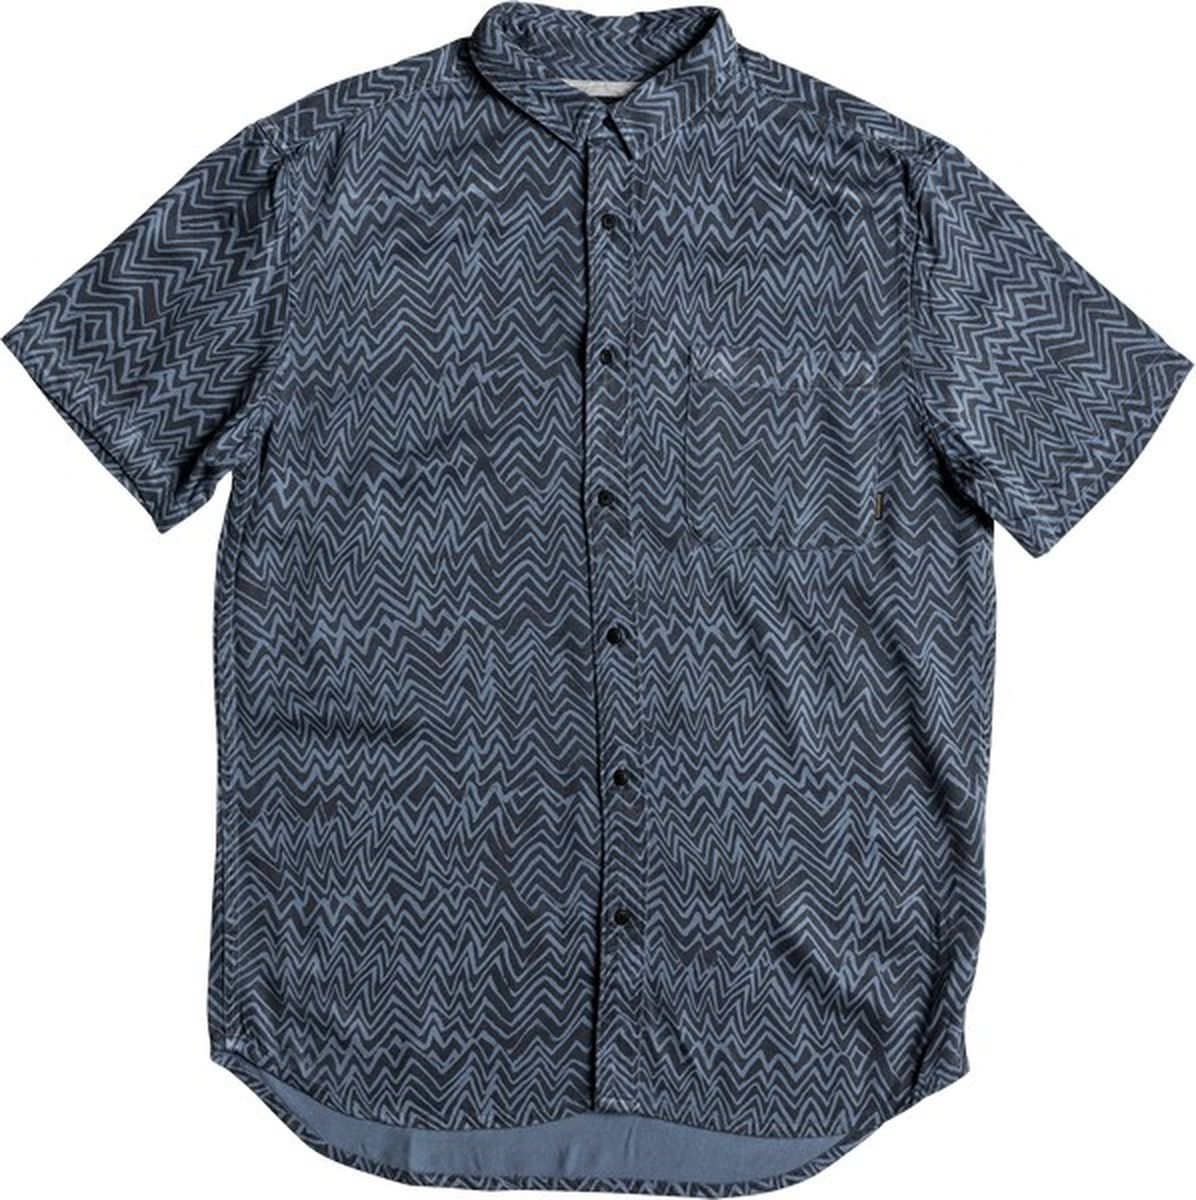 Рубашка мужская Quiksilver, цвет: синий. EQYWT03649-BPR6. Размер XL (52)EQYWT03649-BPR6Мужская рубашка от Quiksilver выполнена из вискозы и оформлена принтом. Модель прямого кроя с короткими рукавами застегивается на пуговицы. Изделие дополнено накладным карманом.